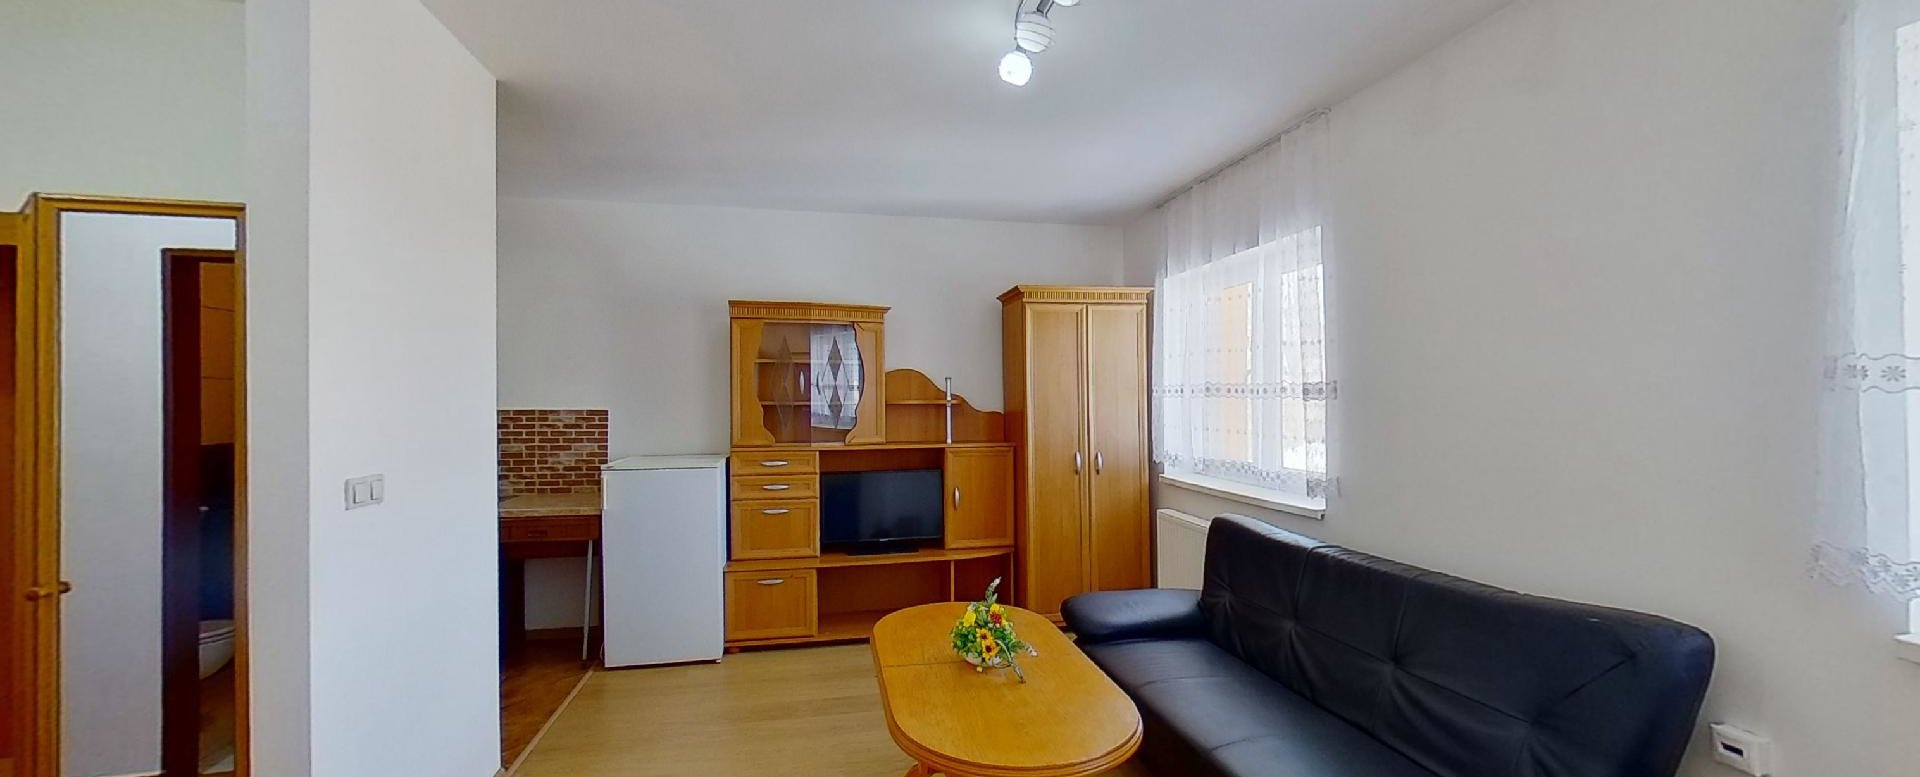 obývacia izba so sedacou súpravou